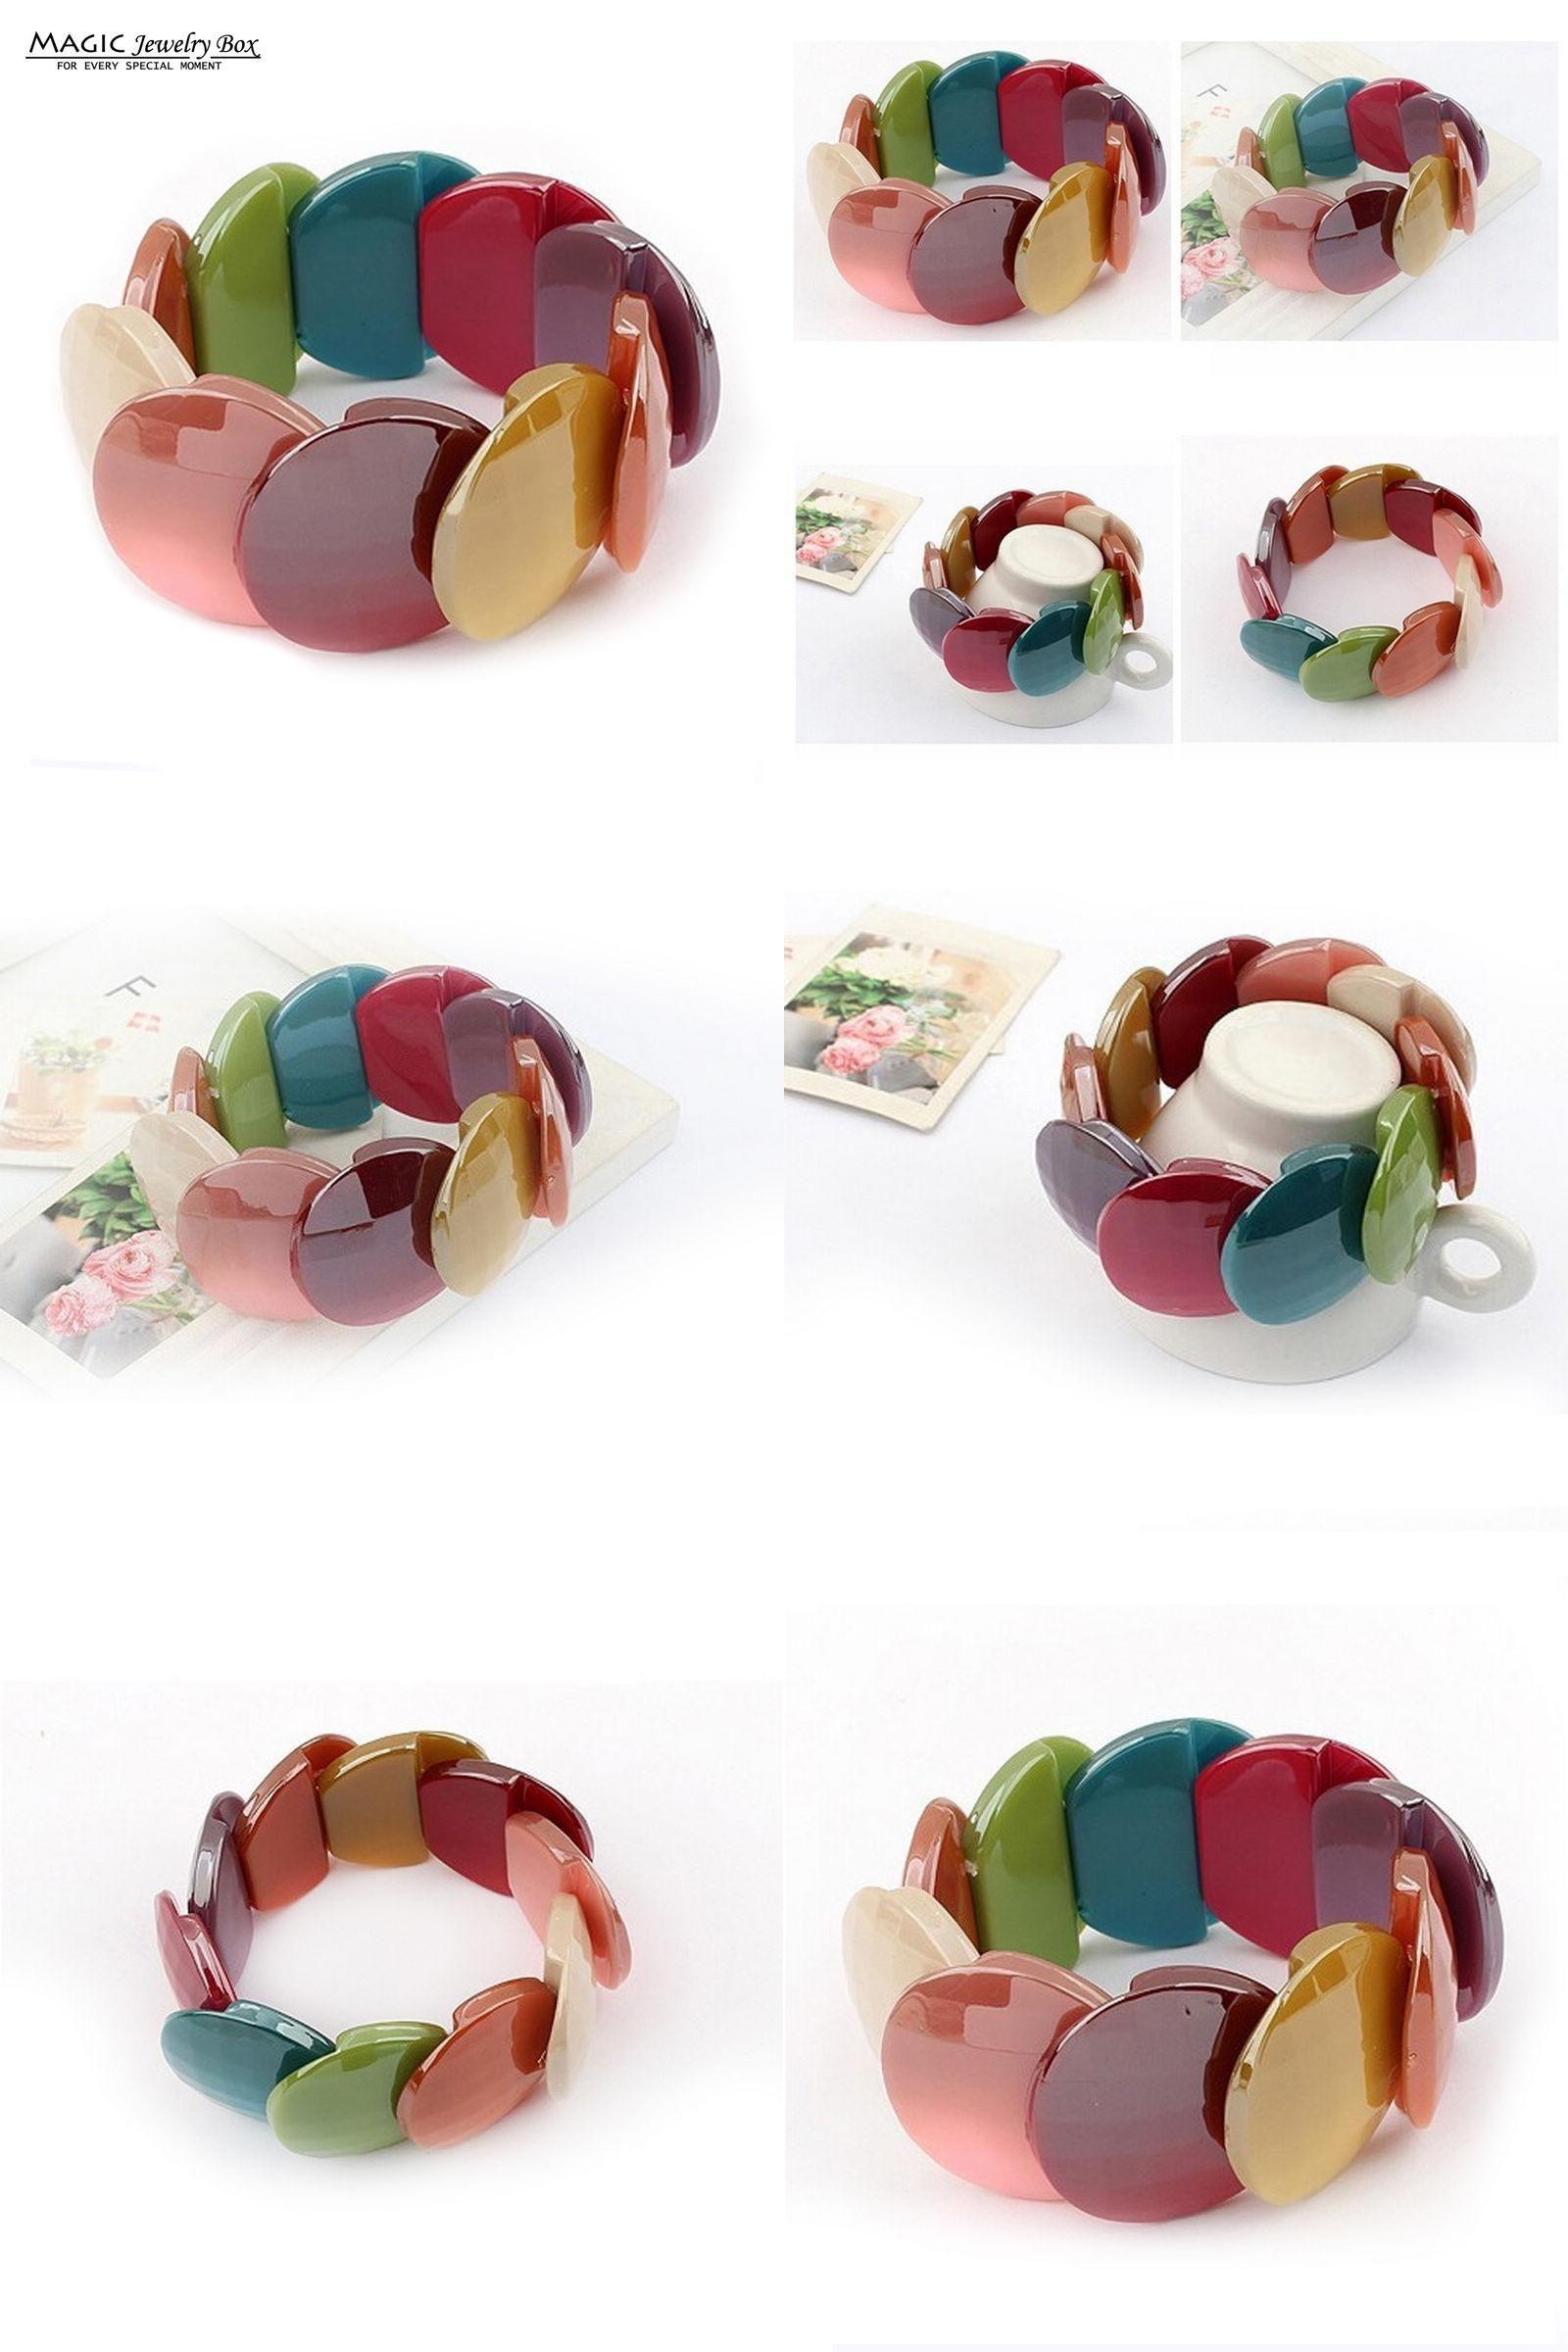 Visit to buy original womenus bohemian resin bubble bangles